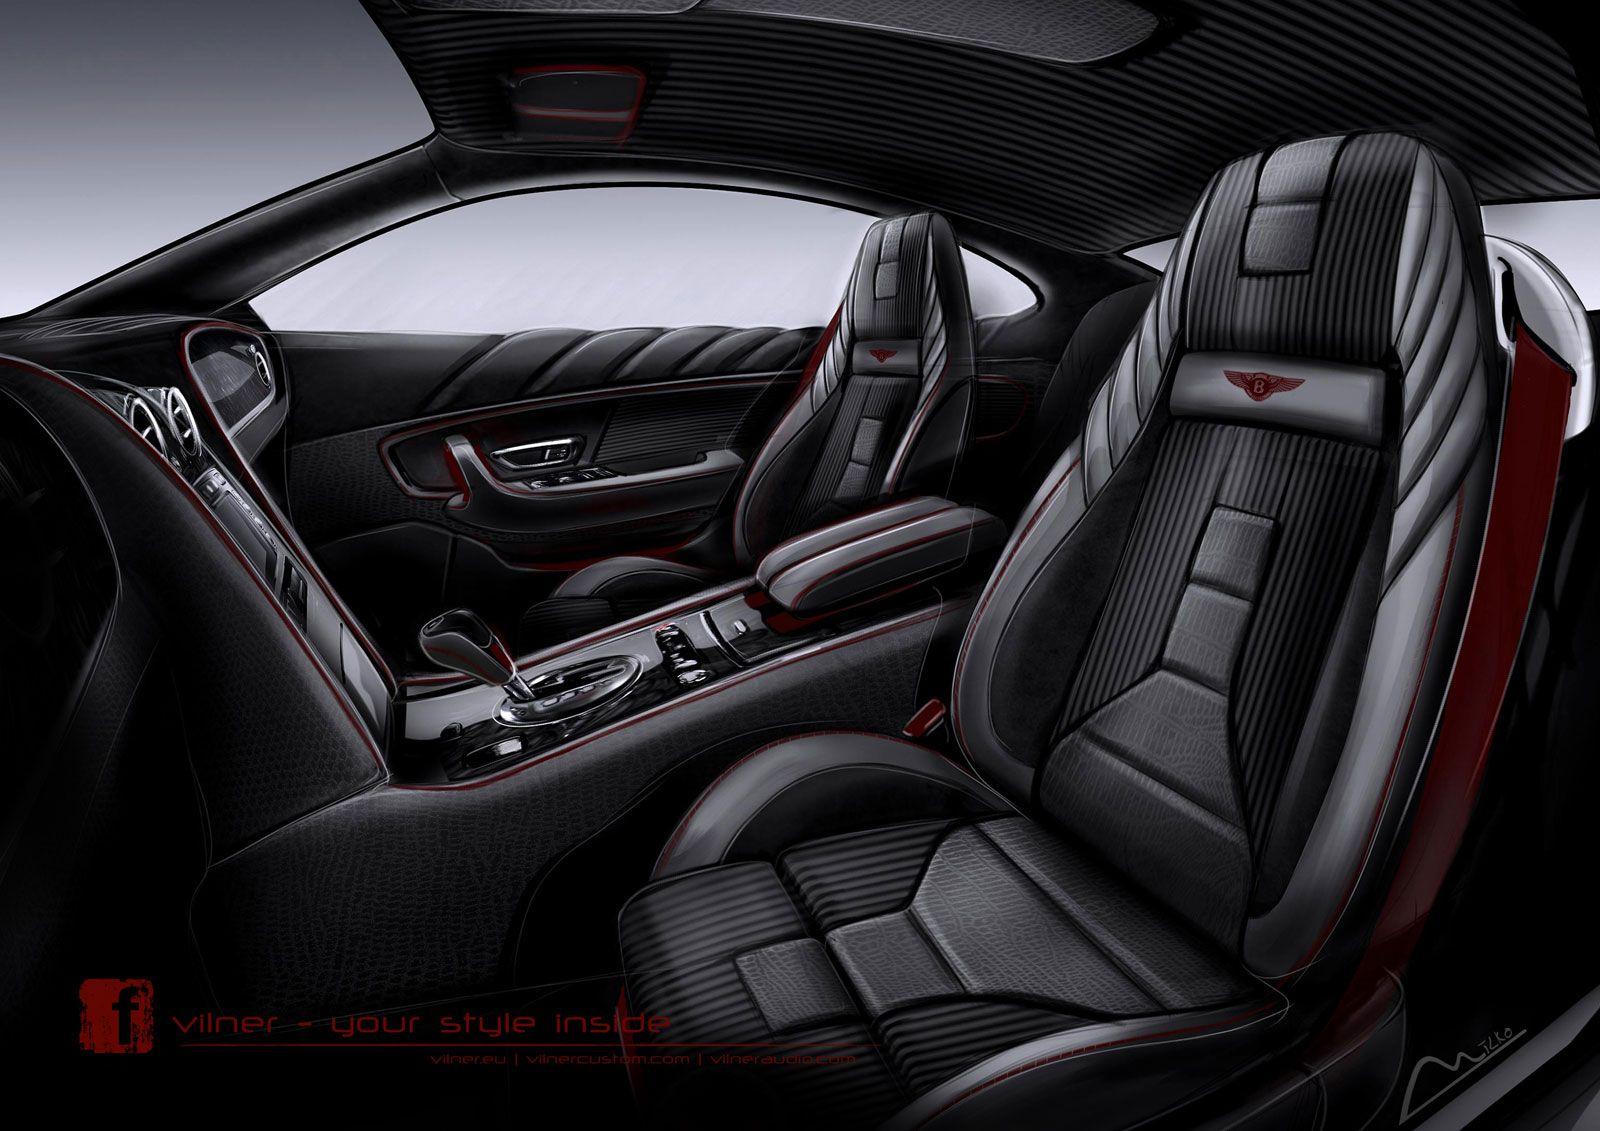 Bentley Continental Gt By Vilner Interior Design Sketch